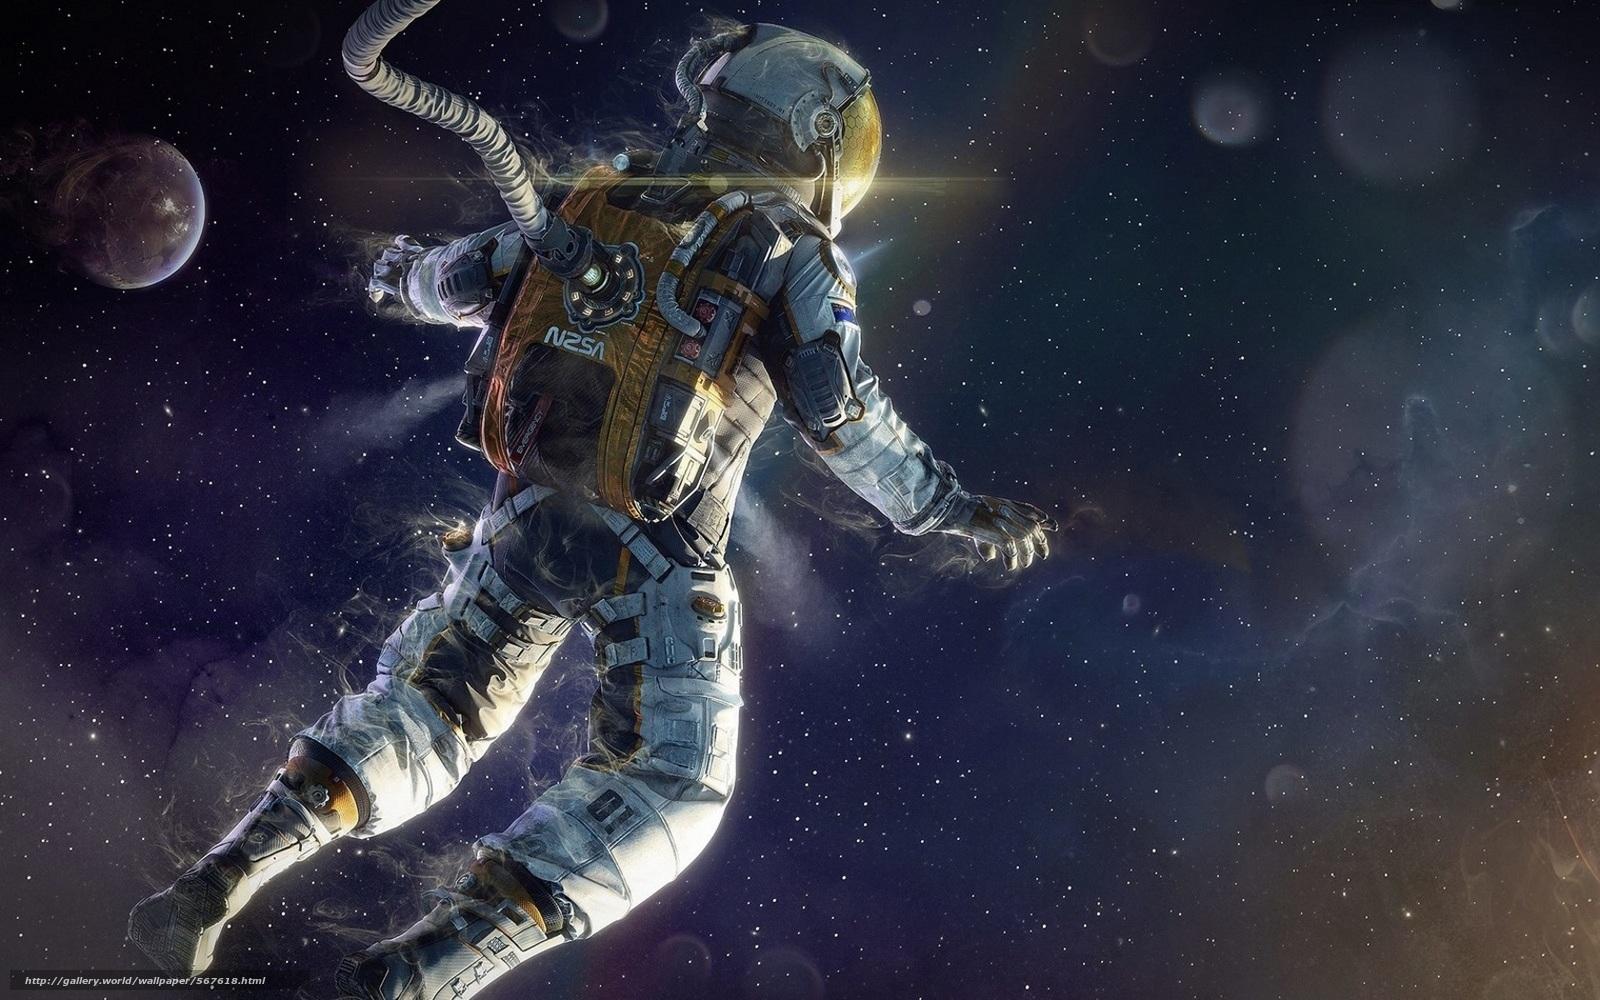 Scaricare gli sfondi astronauta spazio universo stella for Sfondi desktop universo